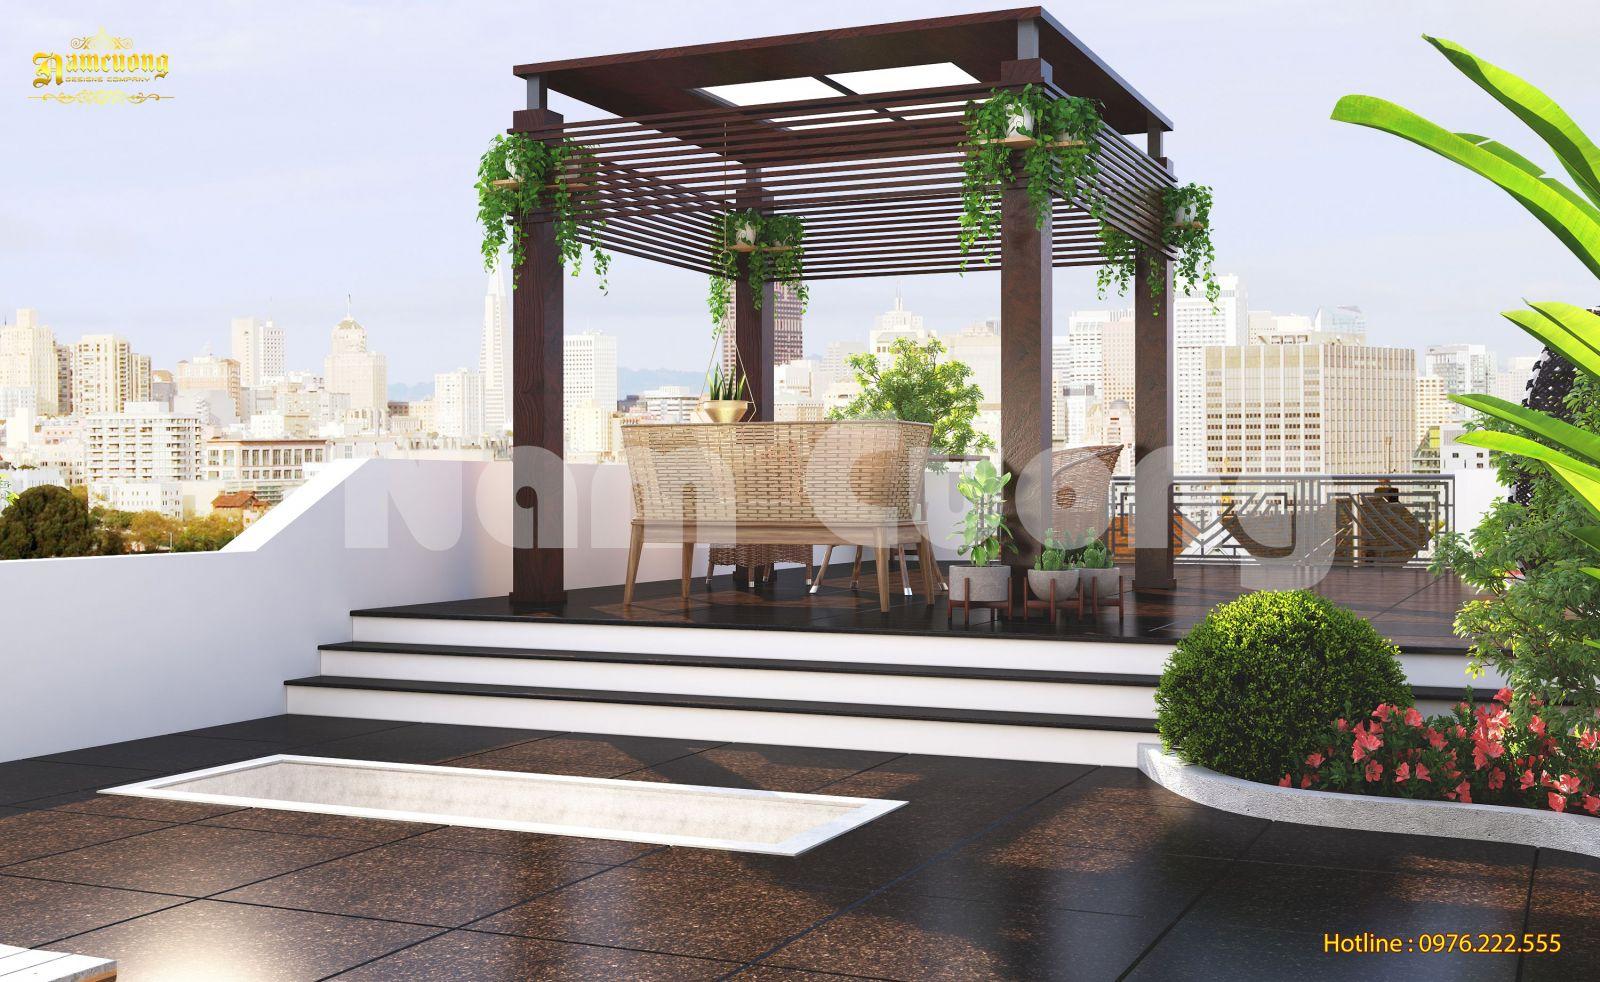 Mẫu thiết kế tiểu cảnh sân vườn trên mái cho biệt thự